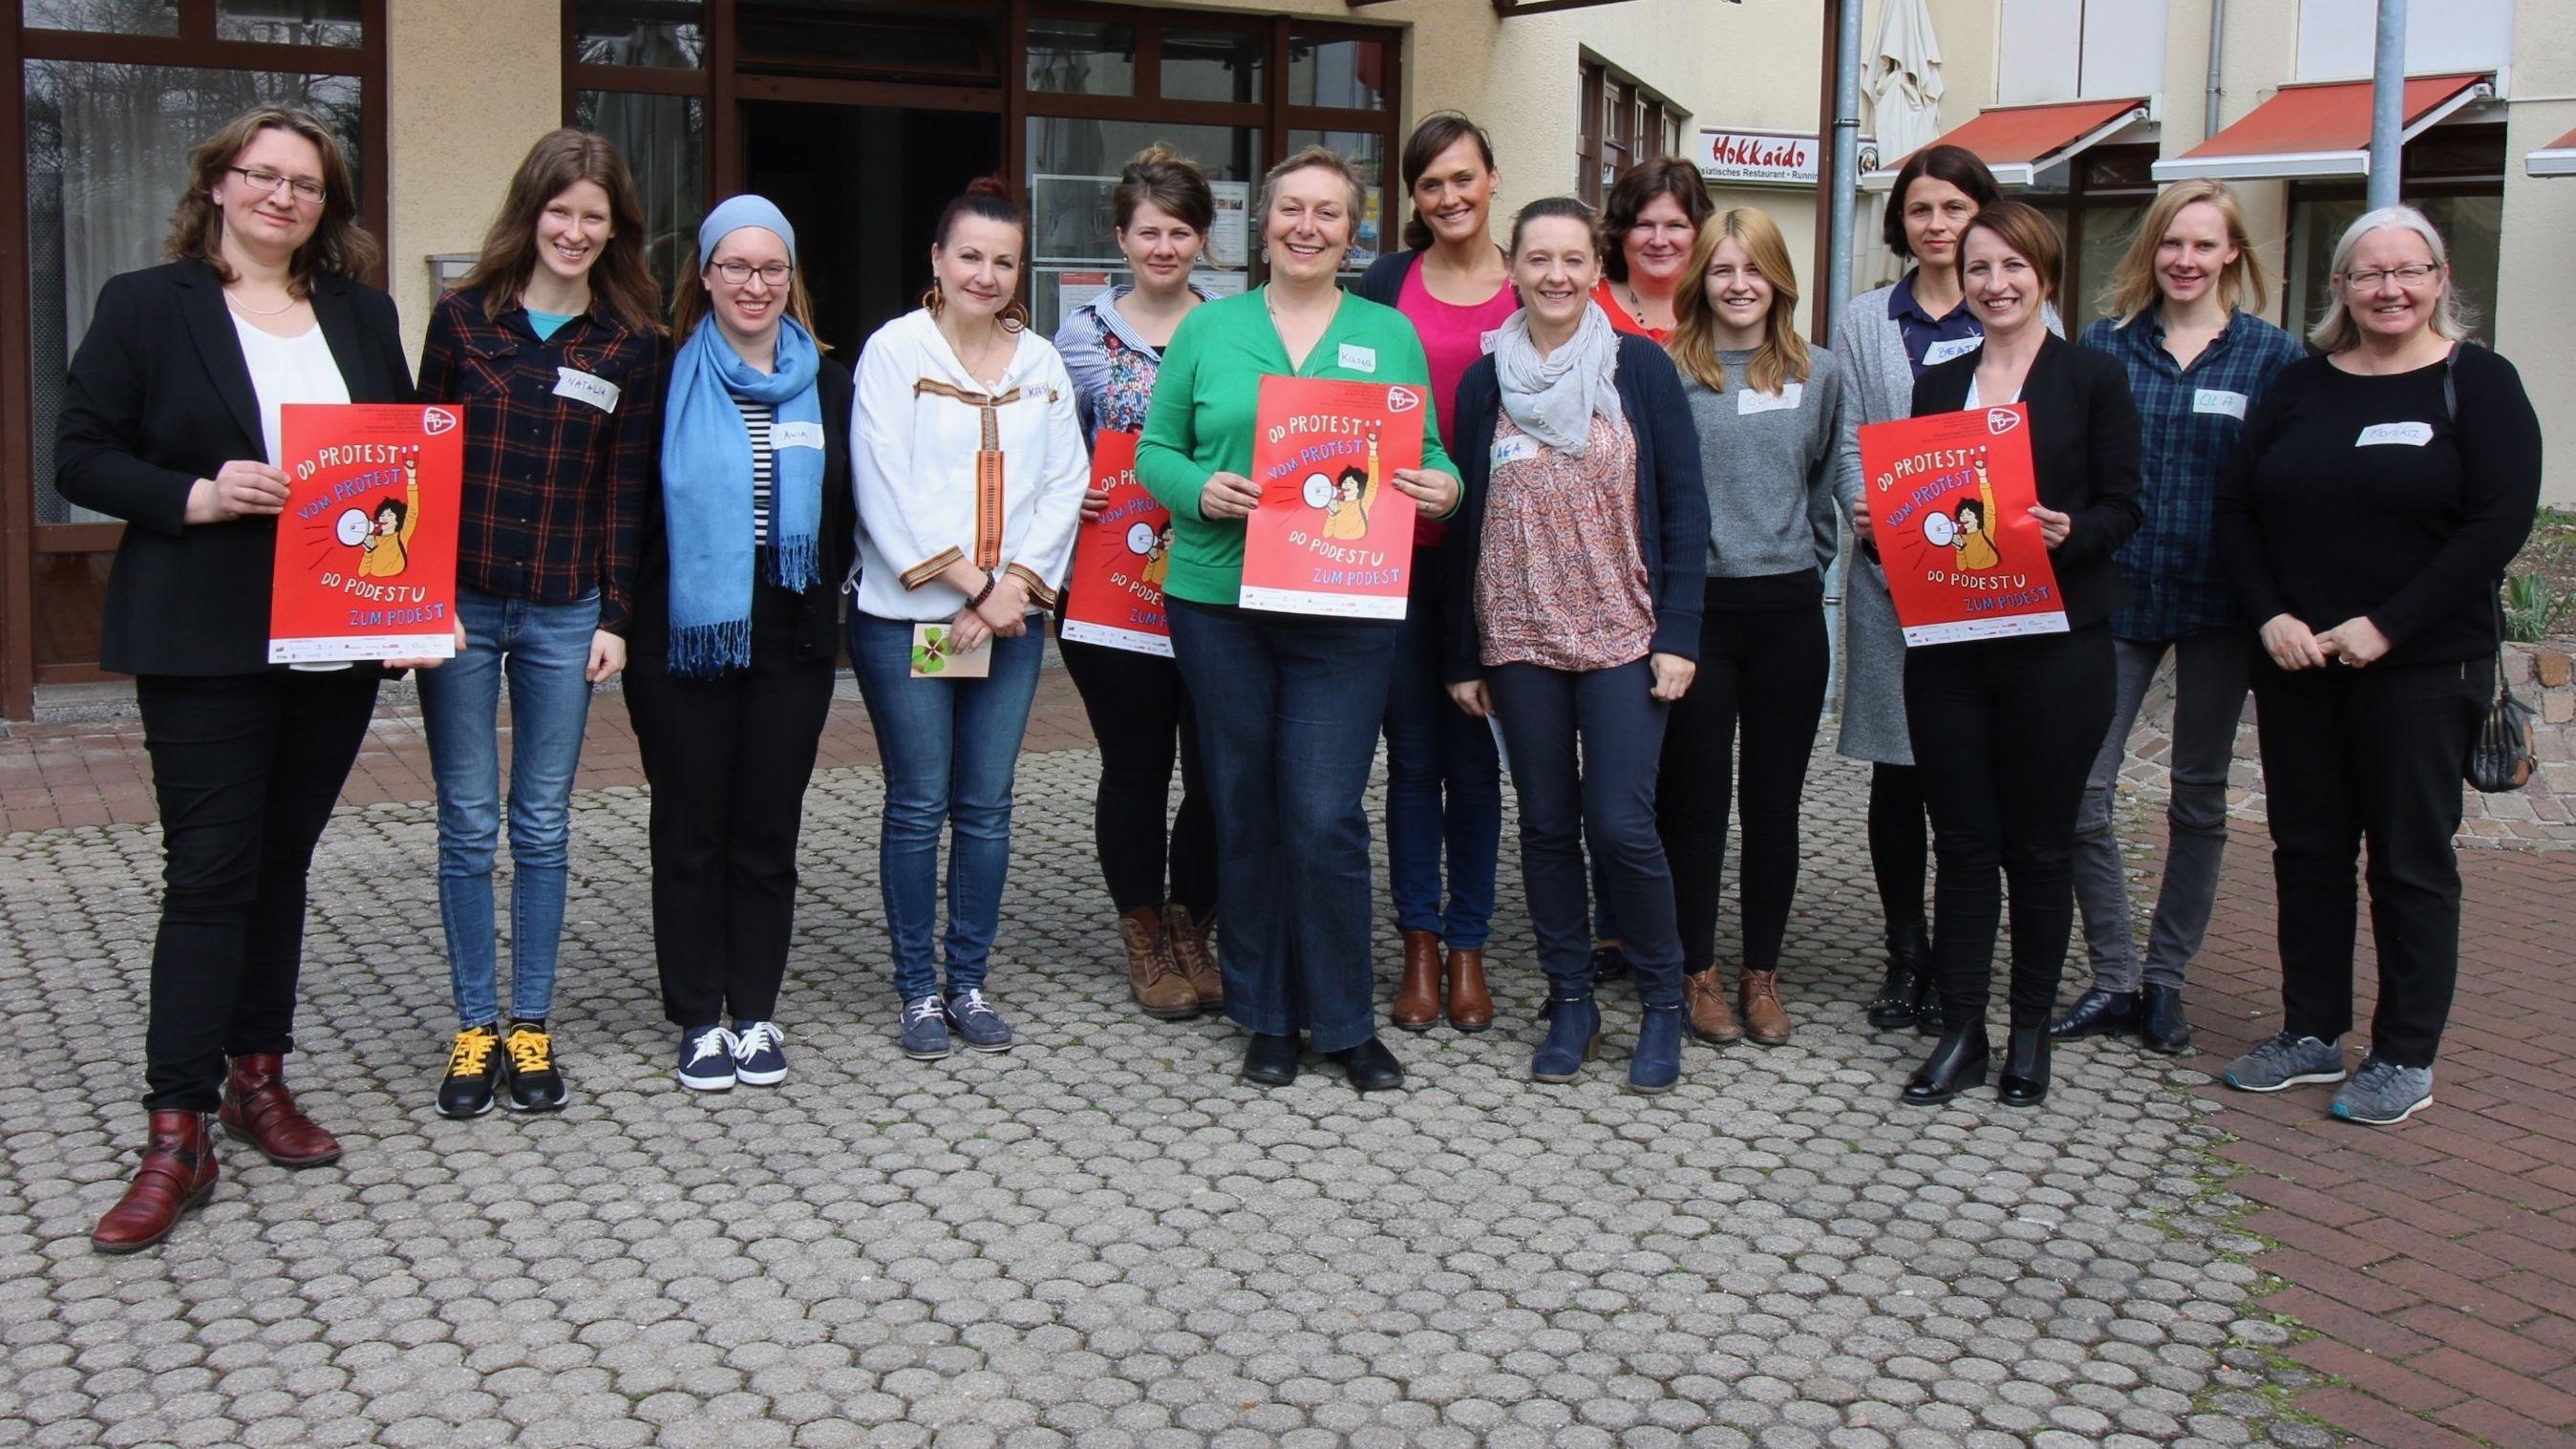 Teilnehmerinnen eines Workshops des PolMotion-Projektes in München